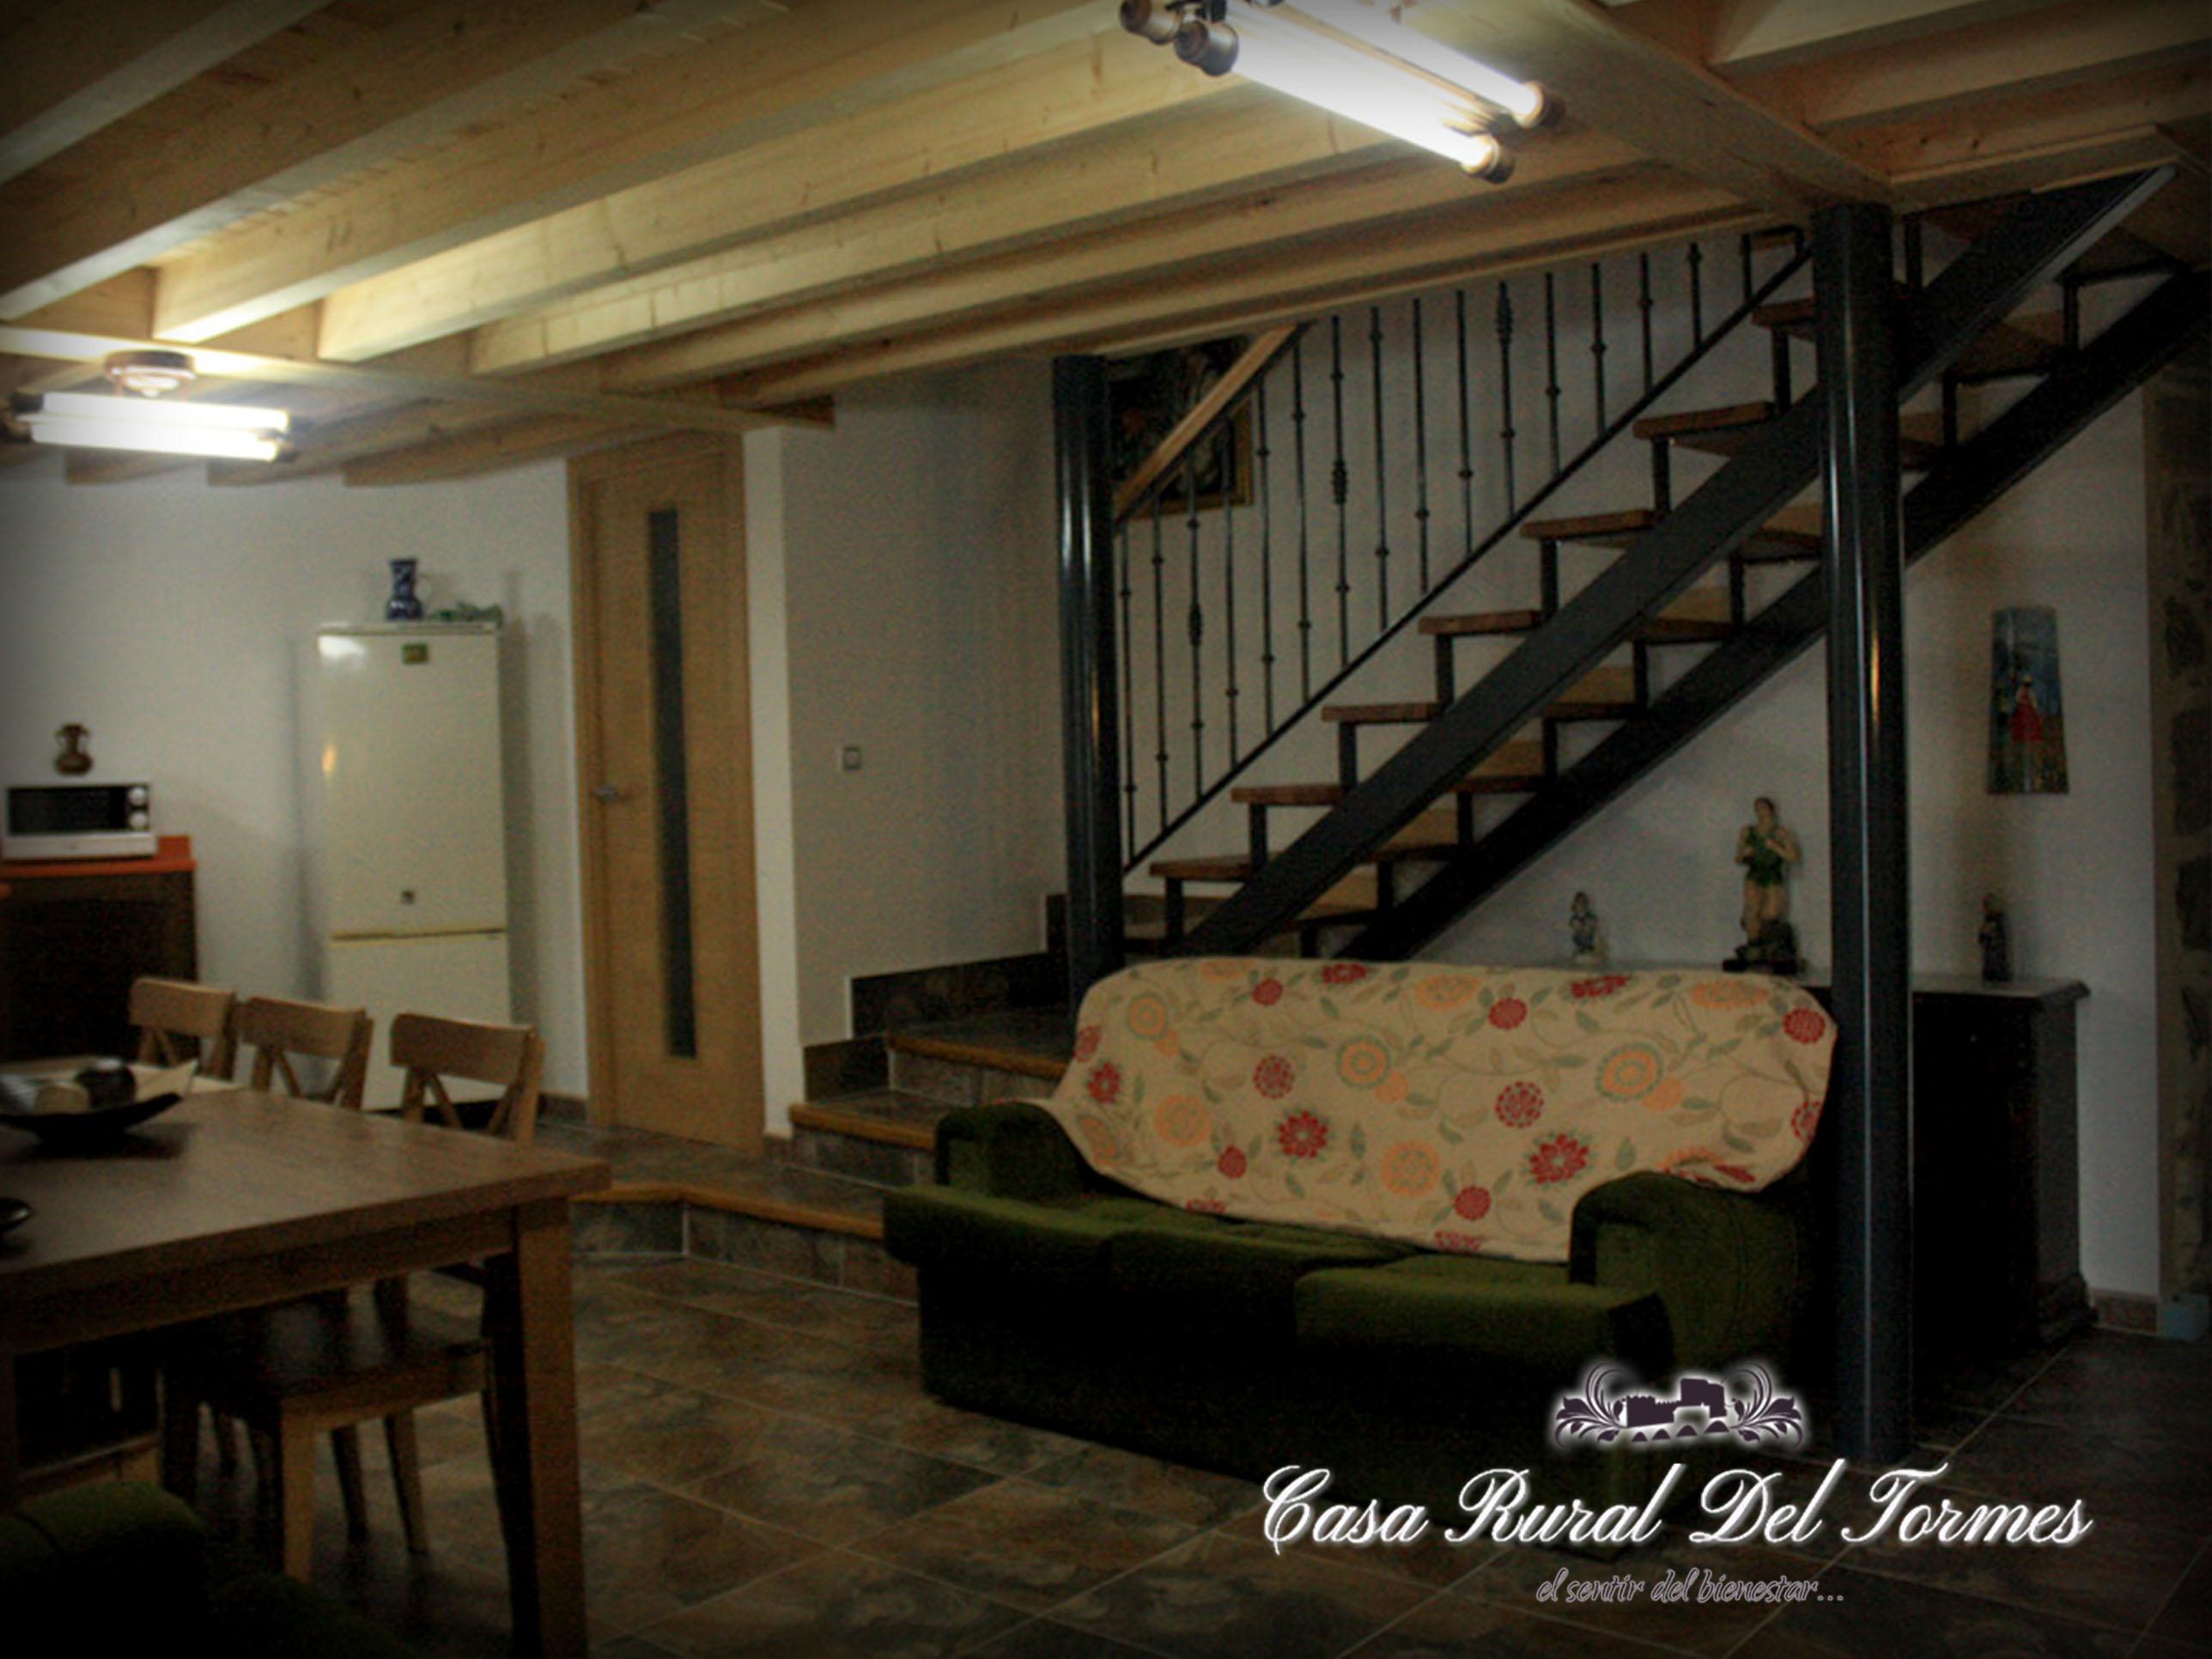 Cocina sala de estar 6 casa rural del tormescasa rural for Sala de estar y cocina